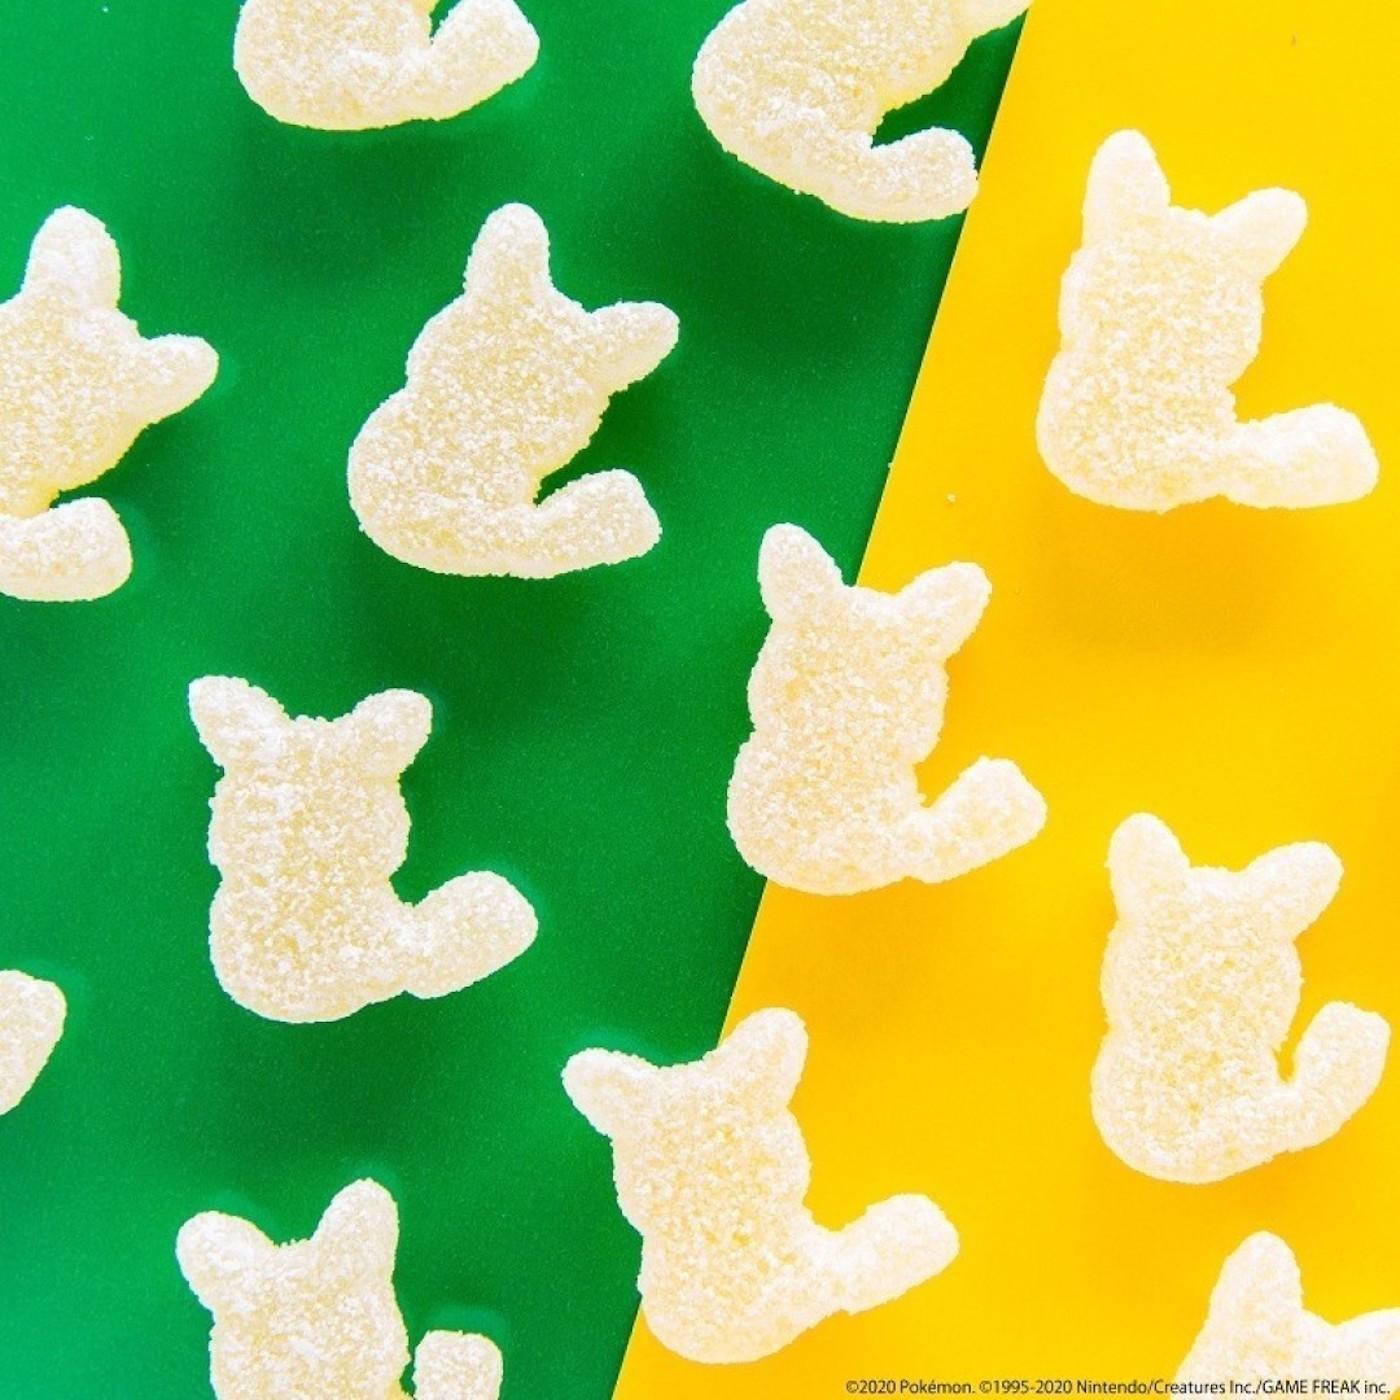 Des bonbons Pikachu dévoilé par la société Kanro au Japon.